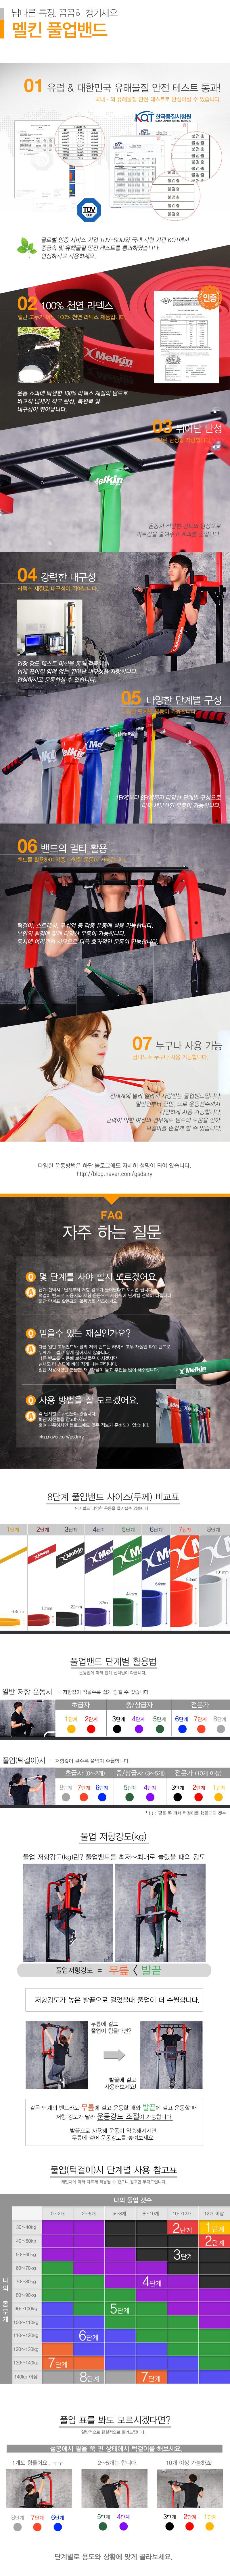 멜킨스포츠 풀업밴드 3단계 라텍스밴드 - 멜킨스포츠, 9,000원, 운동기구/소품, 운동소품